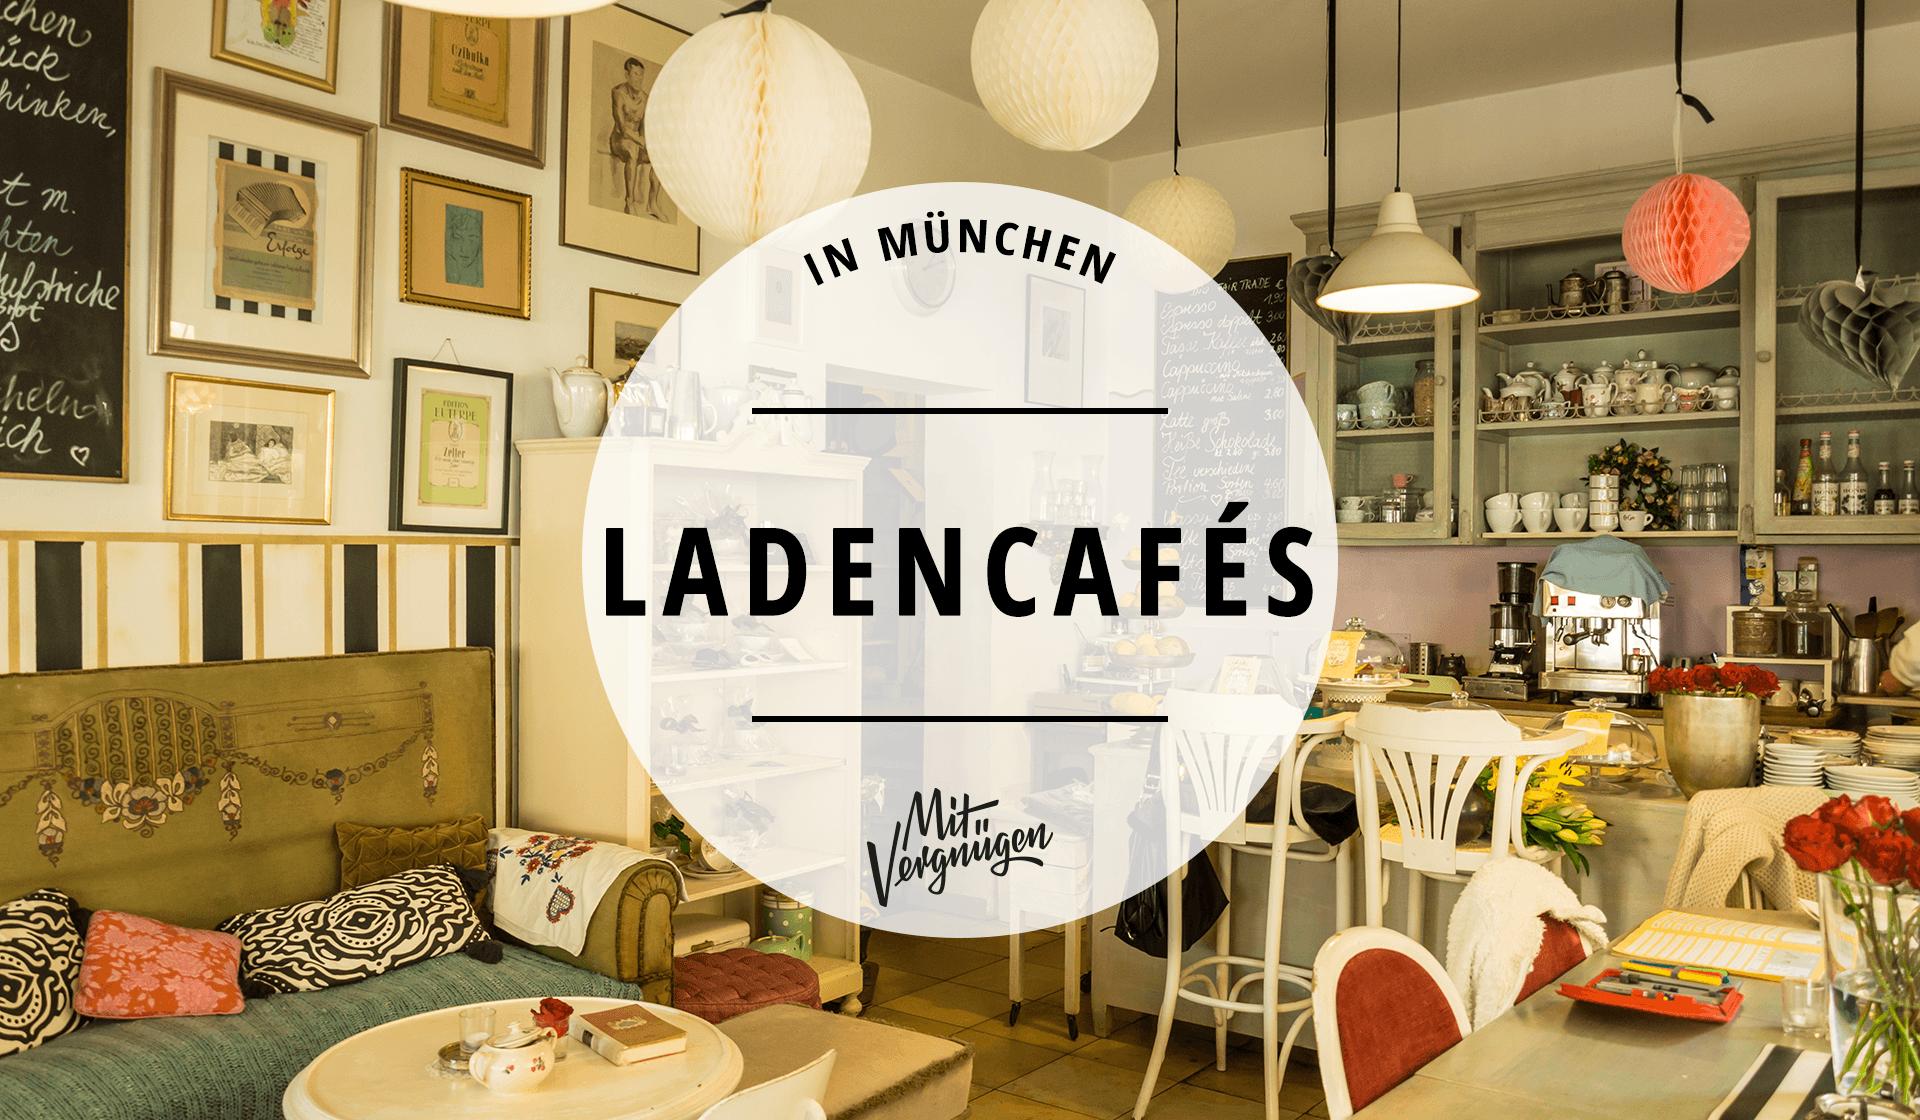 11 schöne Ladencafés in München | Mit Vergnügen München